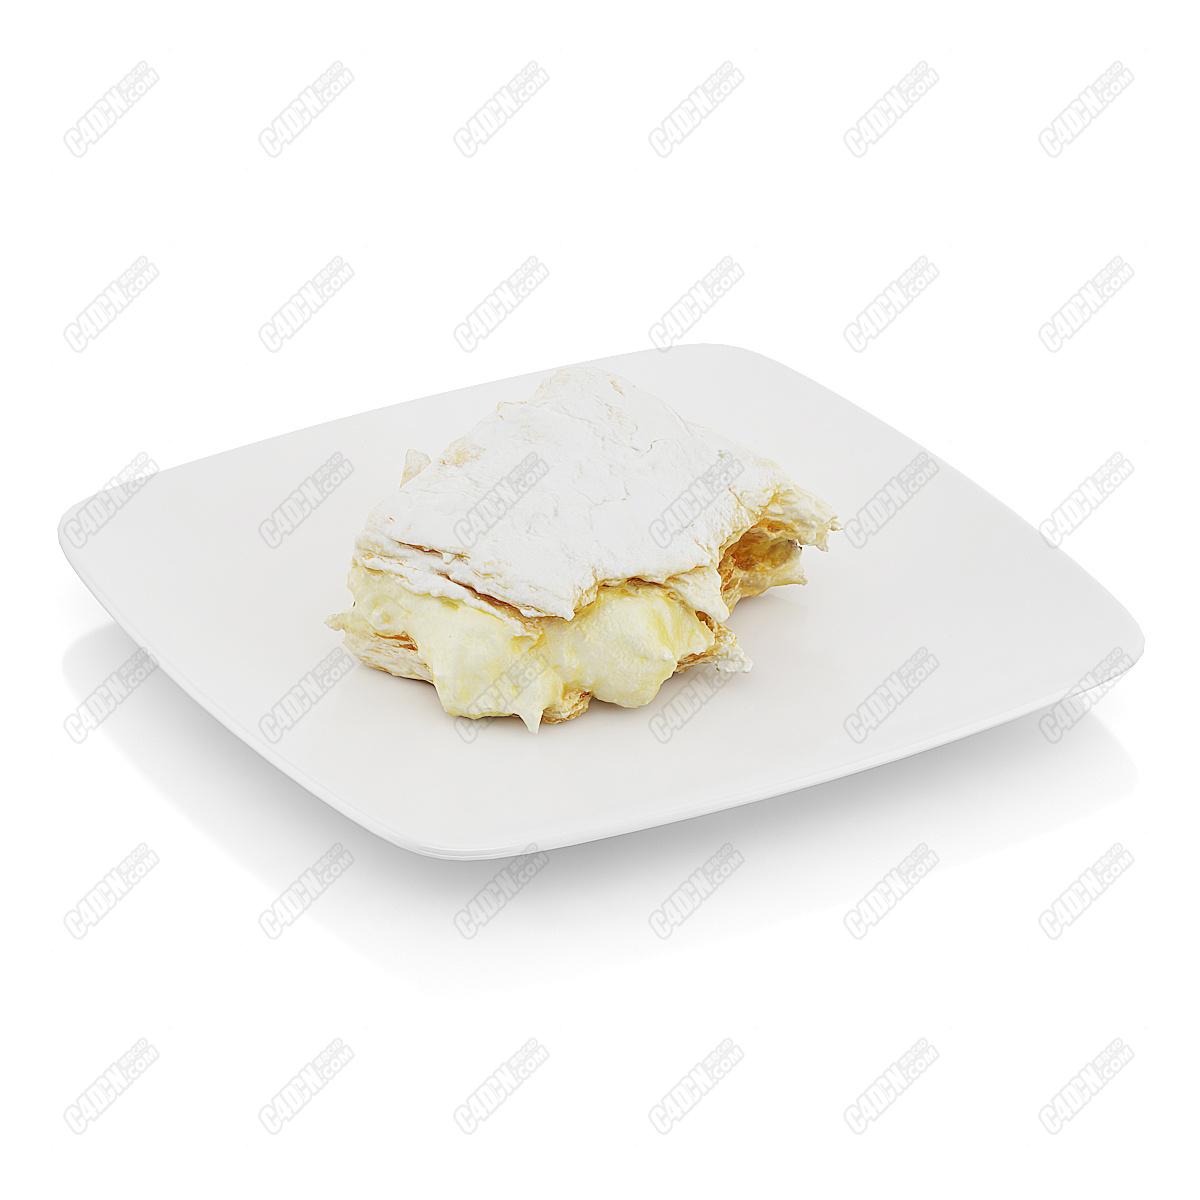 C4D模型-快要融化的奶油夹心蛋糕超市促销面包模型(包含材质和贴图)